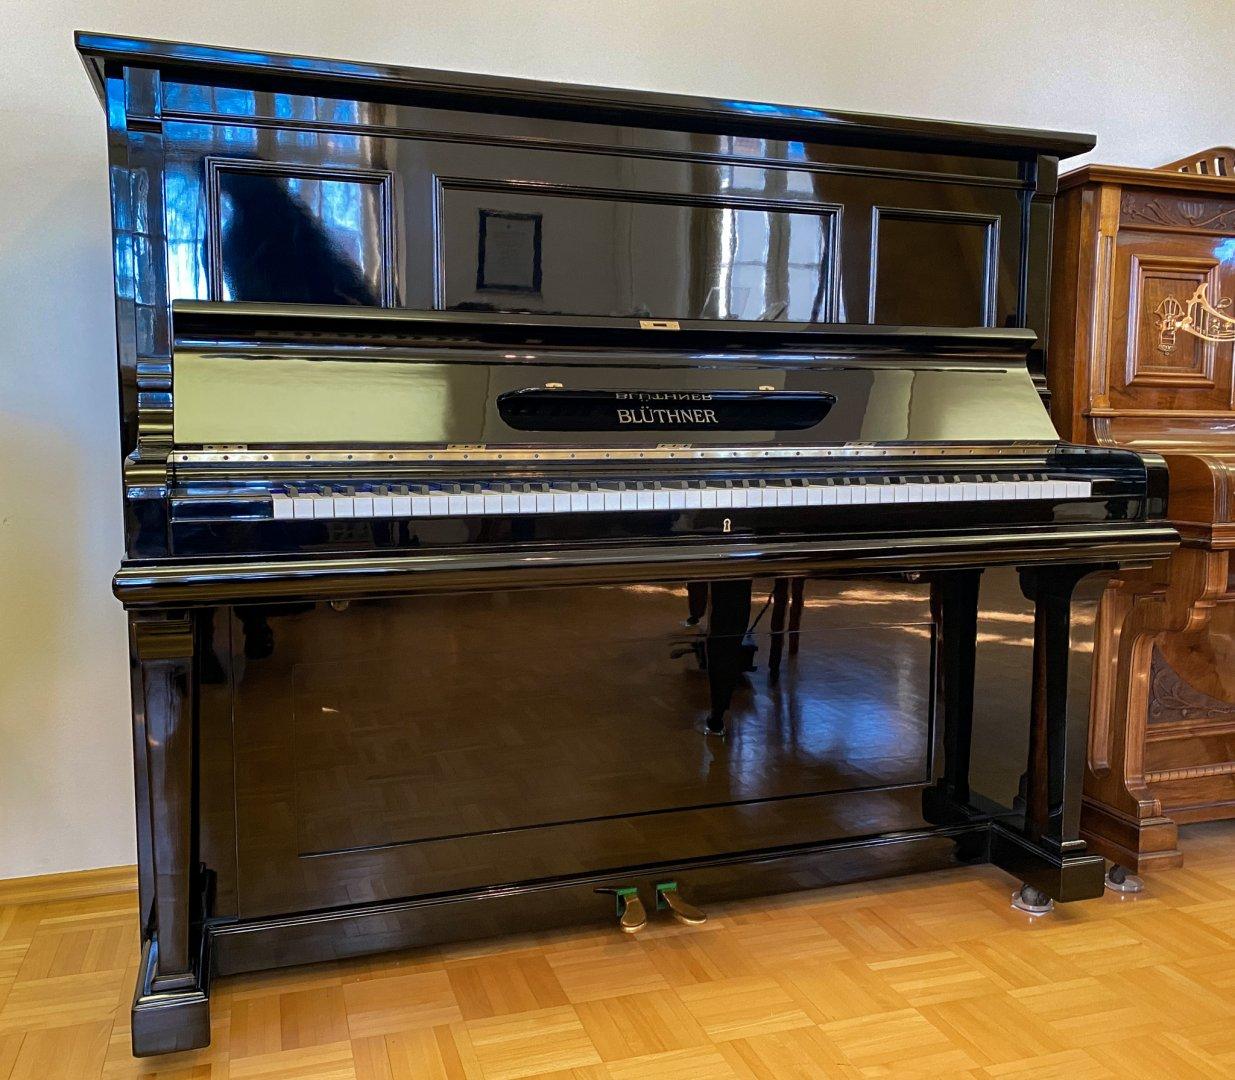 Blüthner 137 cm von 1927 in Schwarz glänzend